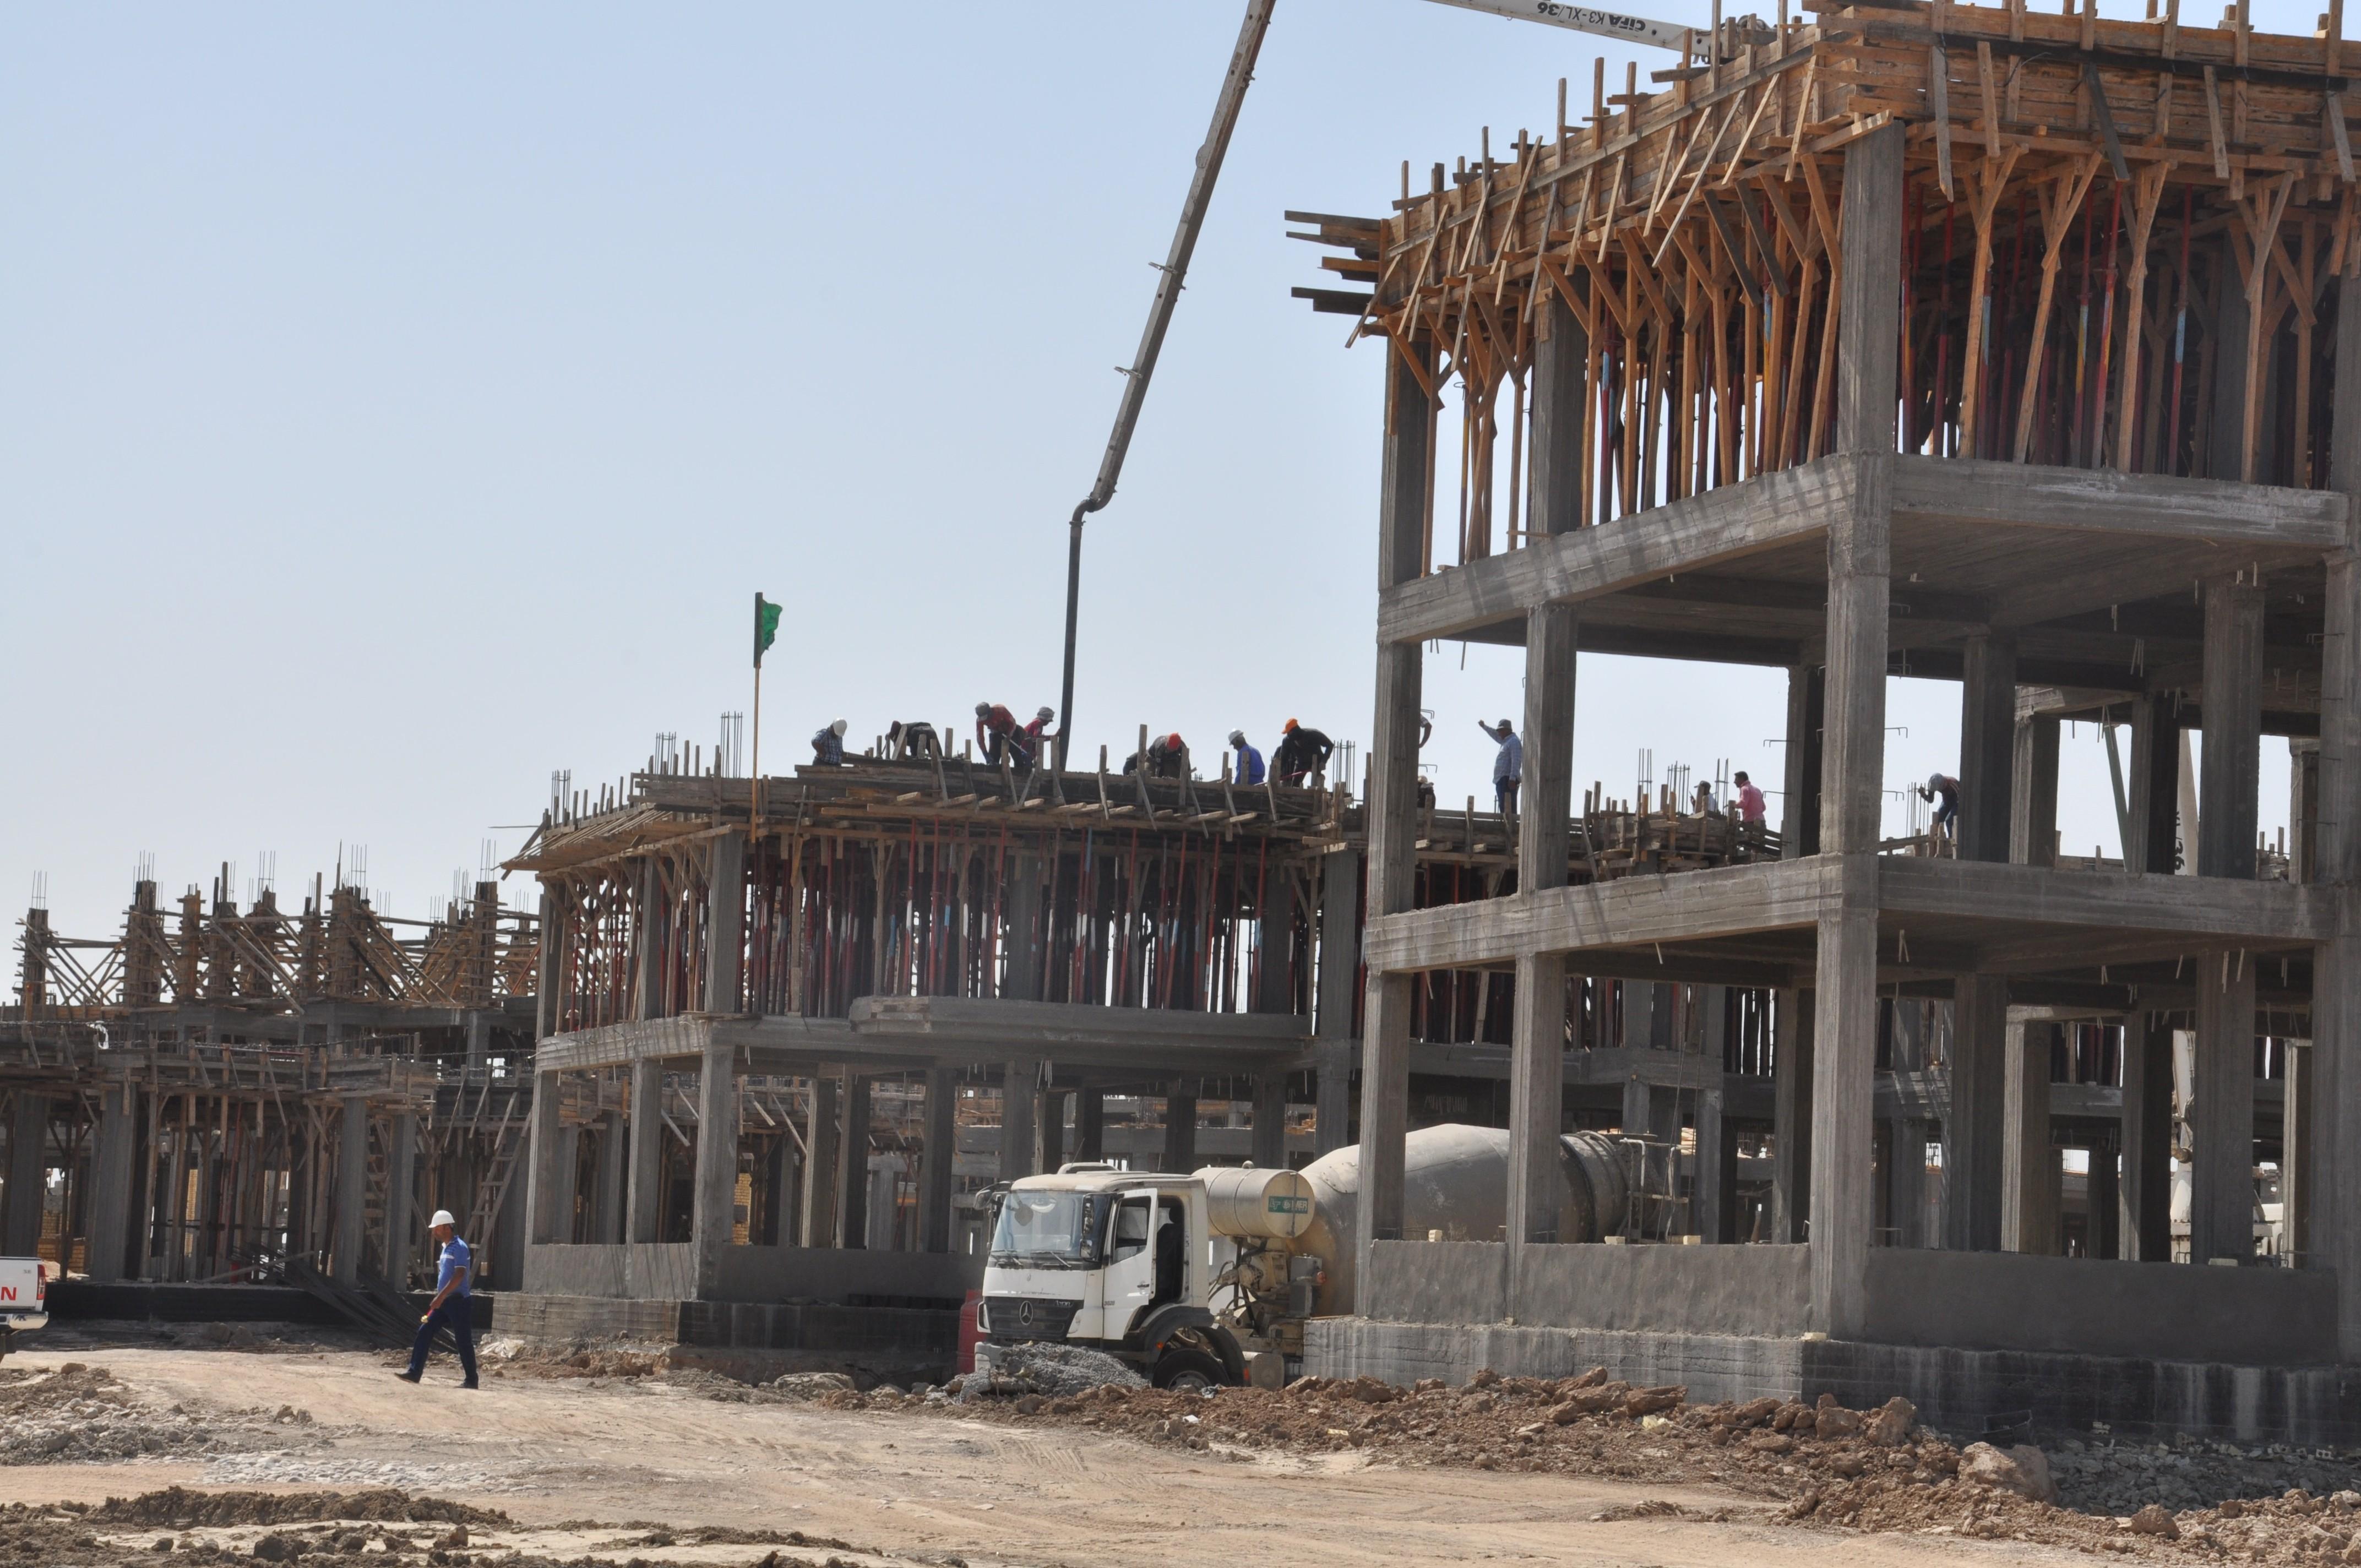 مشروع لإقامة ضاحية سكنية بريف حمص بكلفة 5 مليارات ليرة